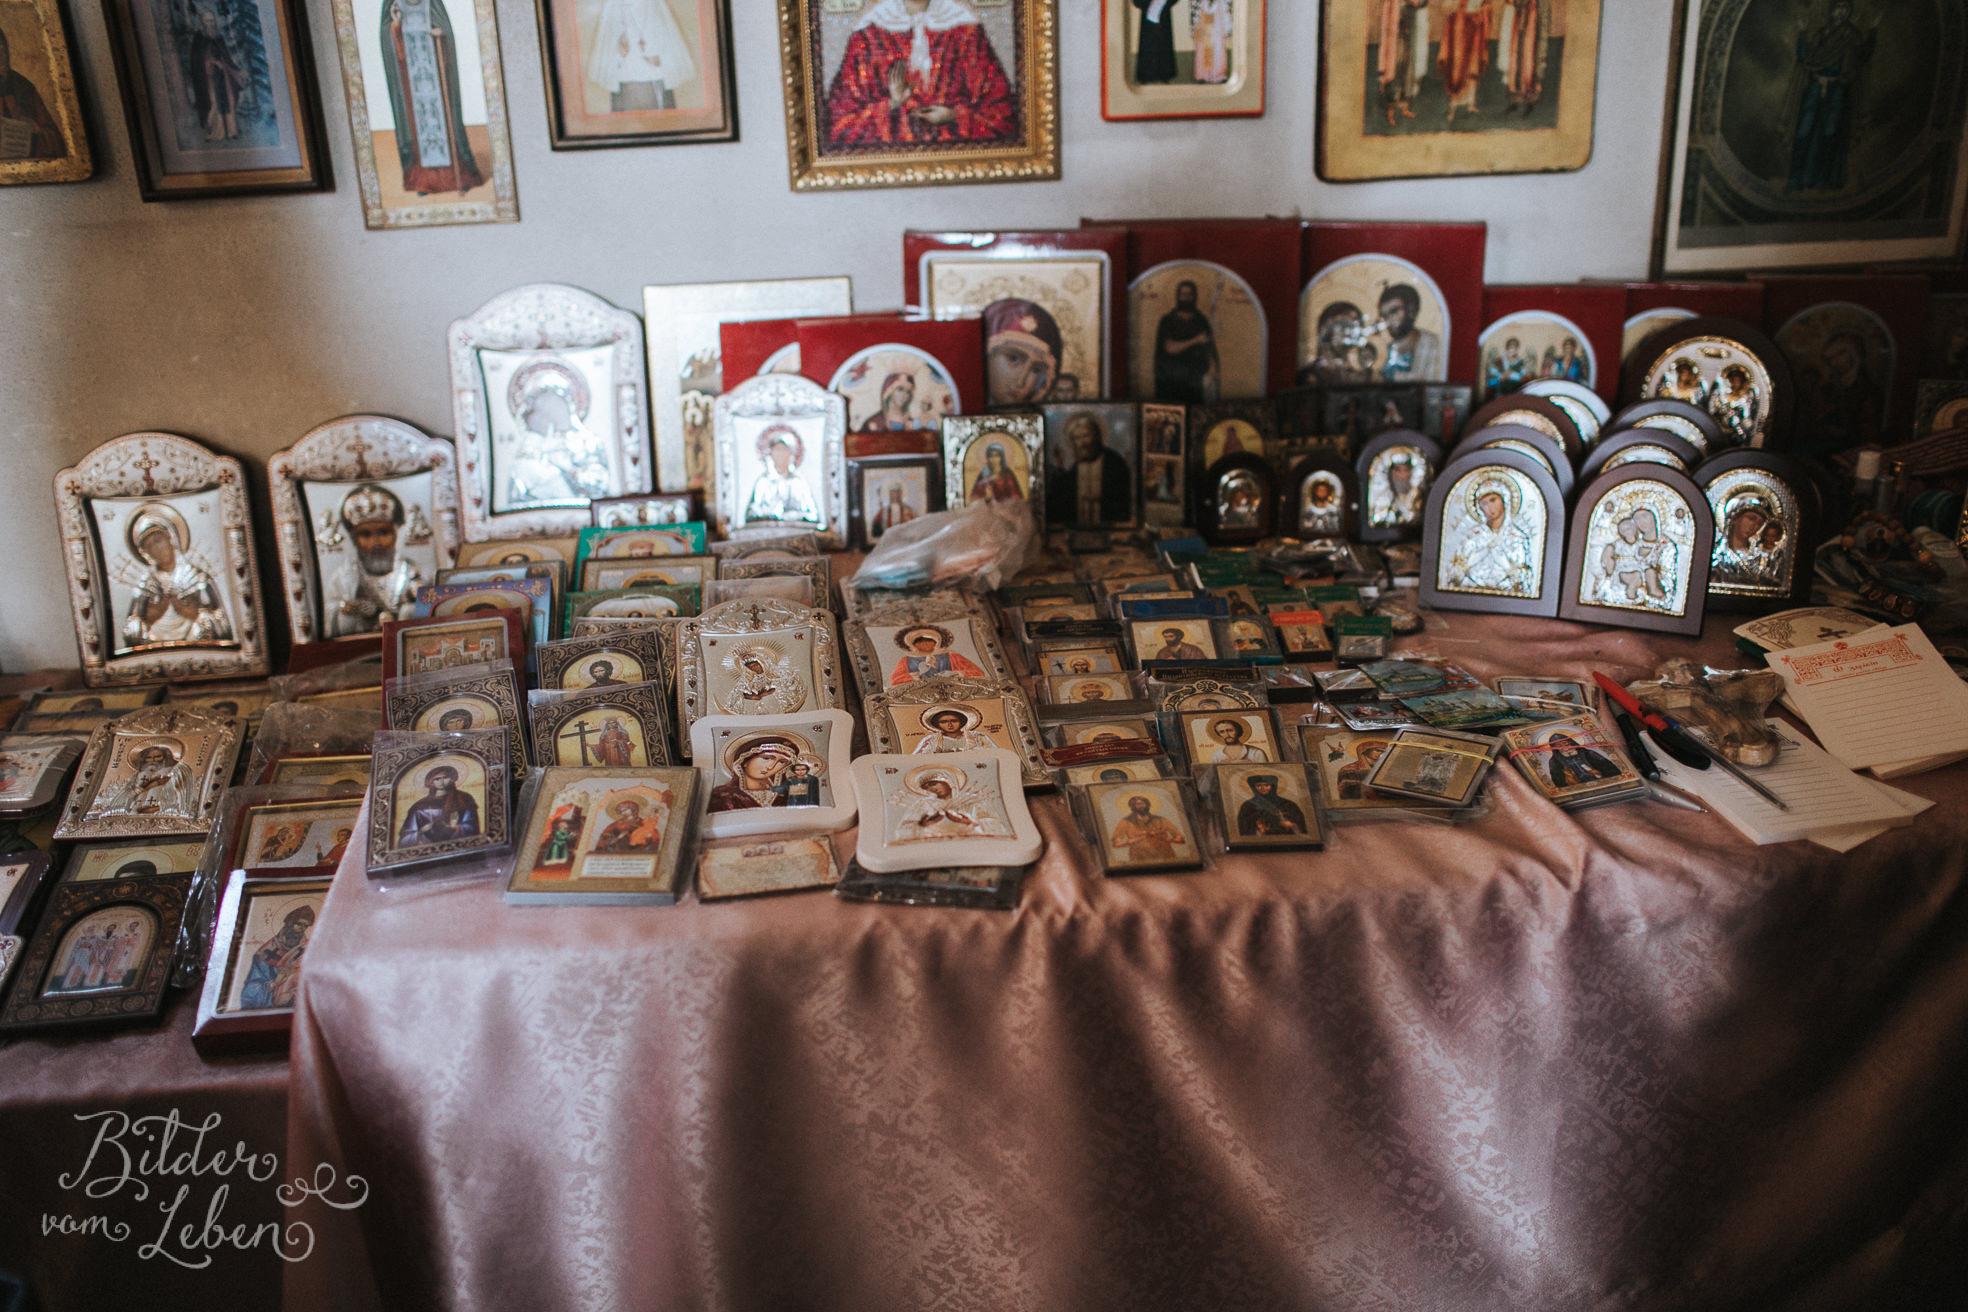 22-Russisch-orthodoxe-taufe-regensburg-mila-IM3C4858